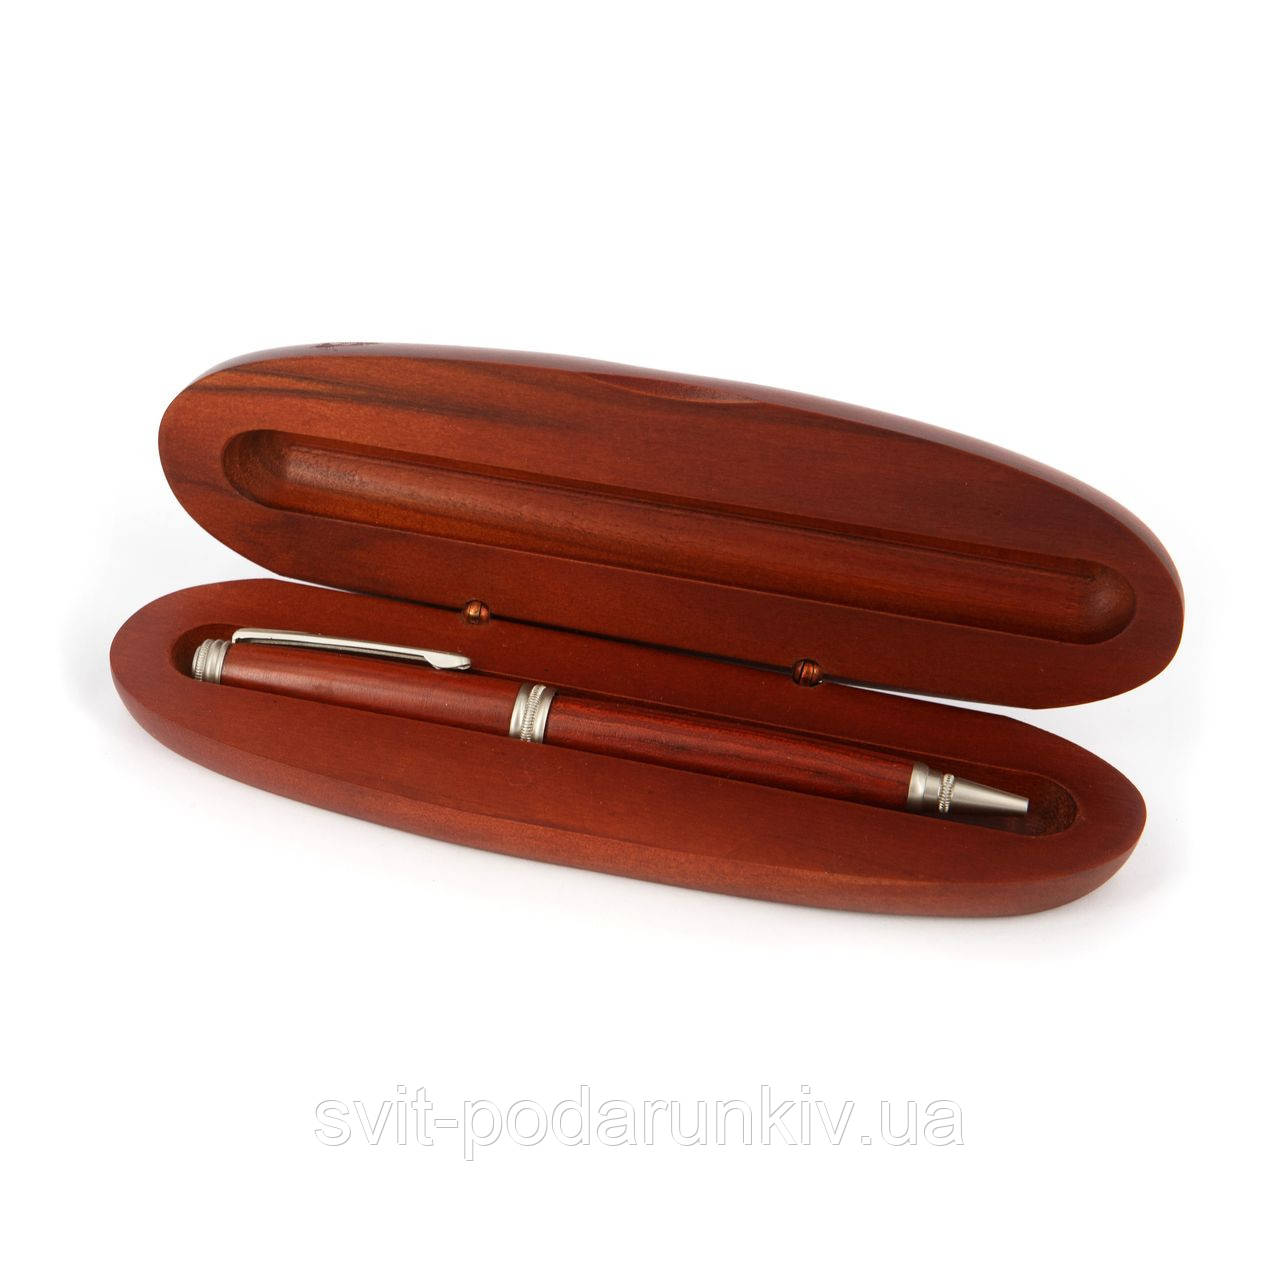 Подарочная капиллярная ручка в овальном футляре 03S11